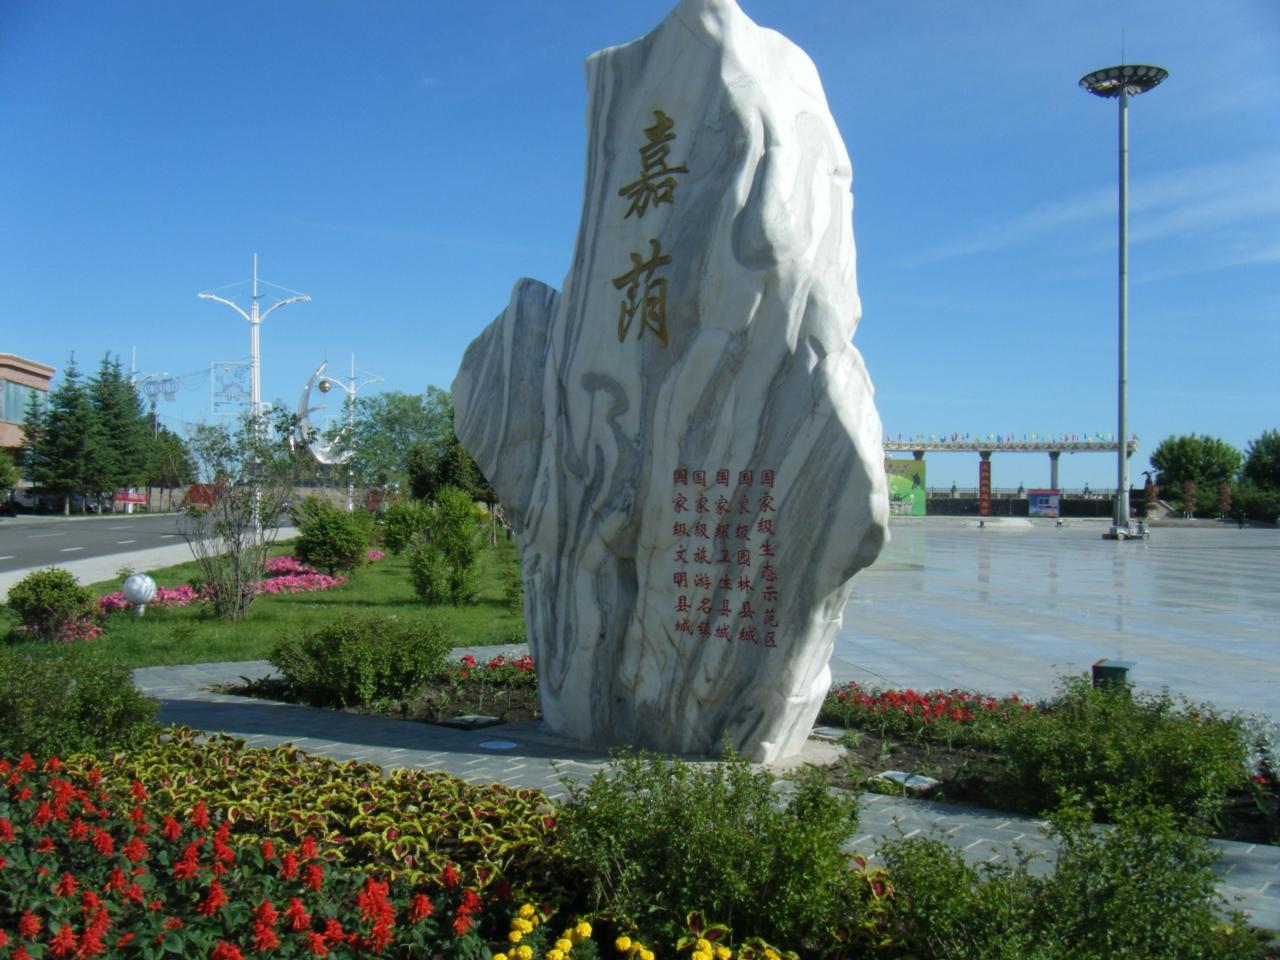 恰似哈尔滨松花江畔围拢防洪纪念塔柱状造型,上方似枕相连,在枕上插有